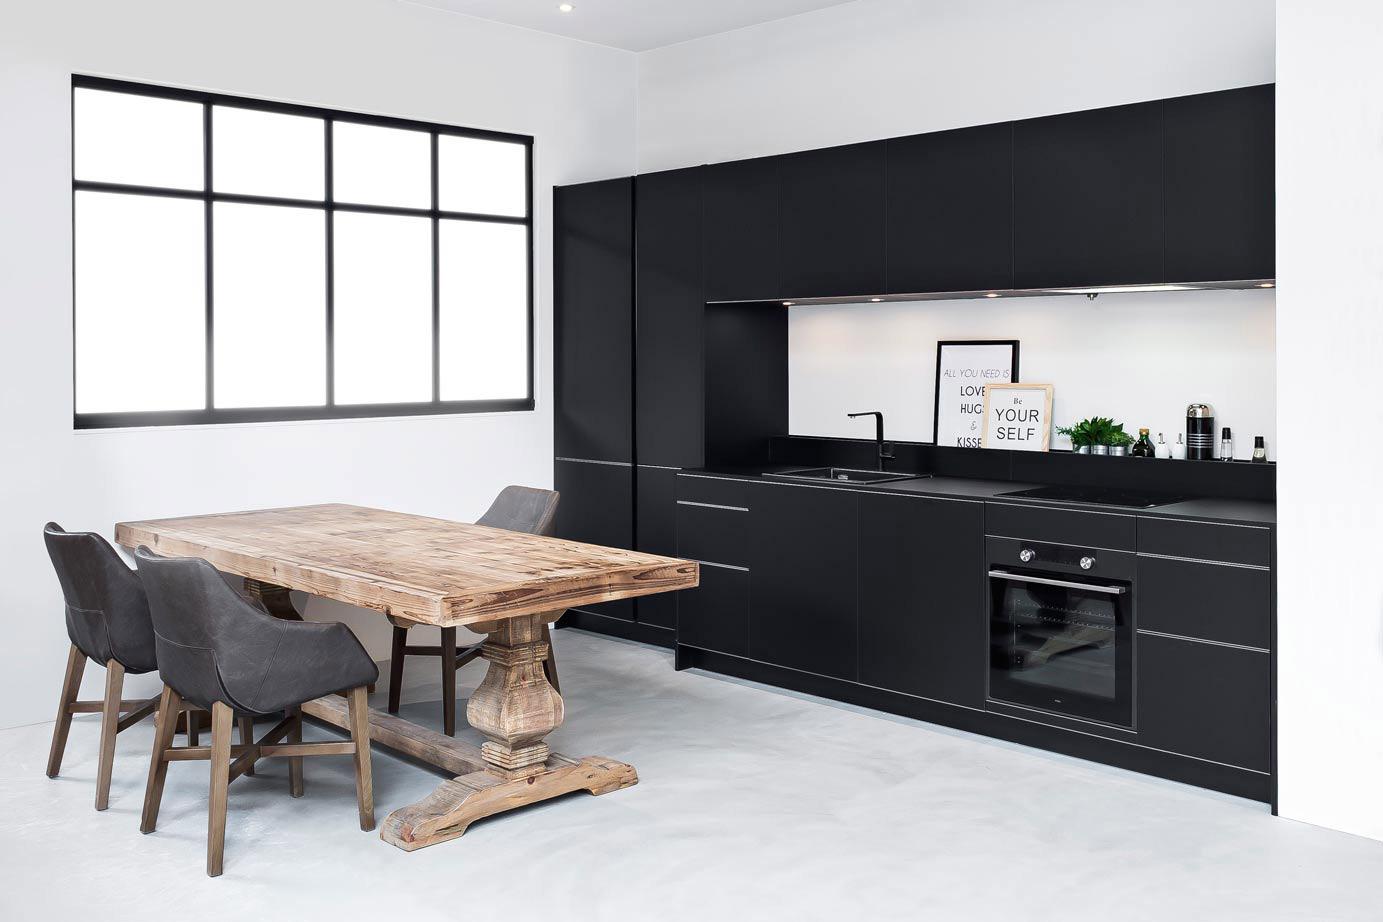 Keuken Zwart Mdf : Zwarte keukens in diverse stijlen en prijsklassen. – Pelma